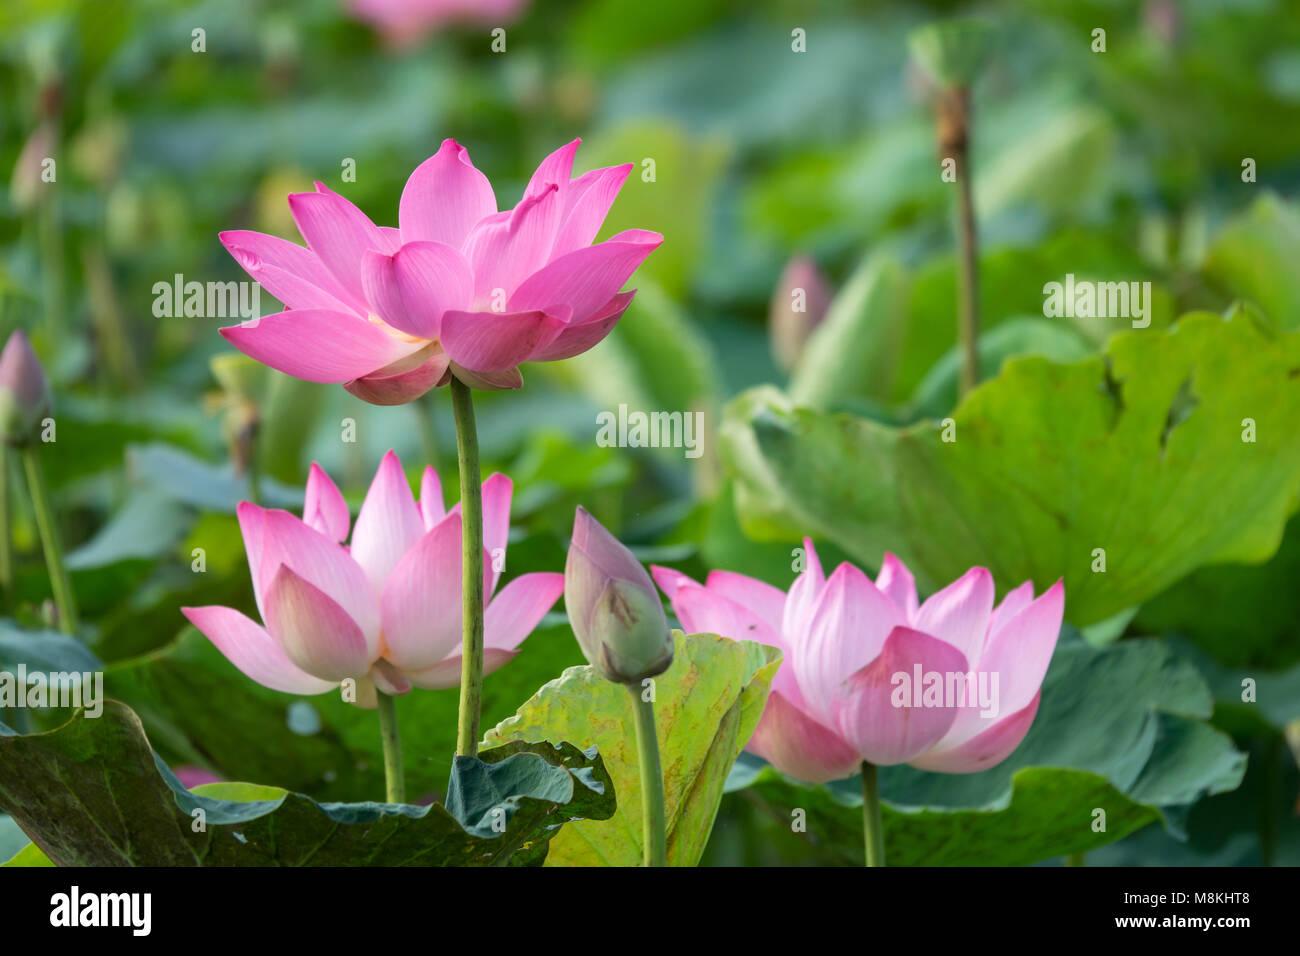 fleur de lotus rose image libre de haute qualit les. Black Bedroom Furniture Sets. Home Design Ideas